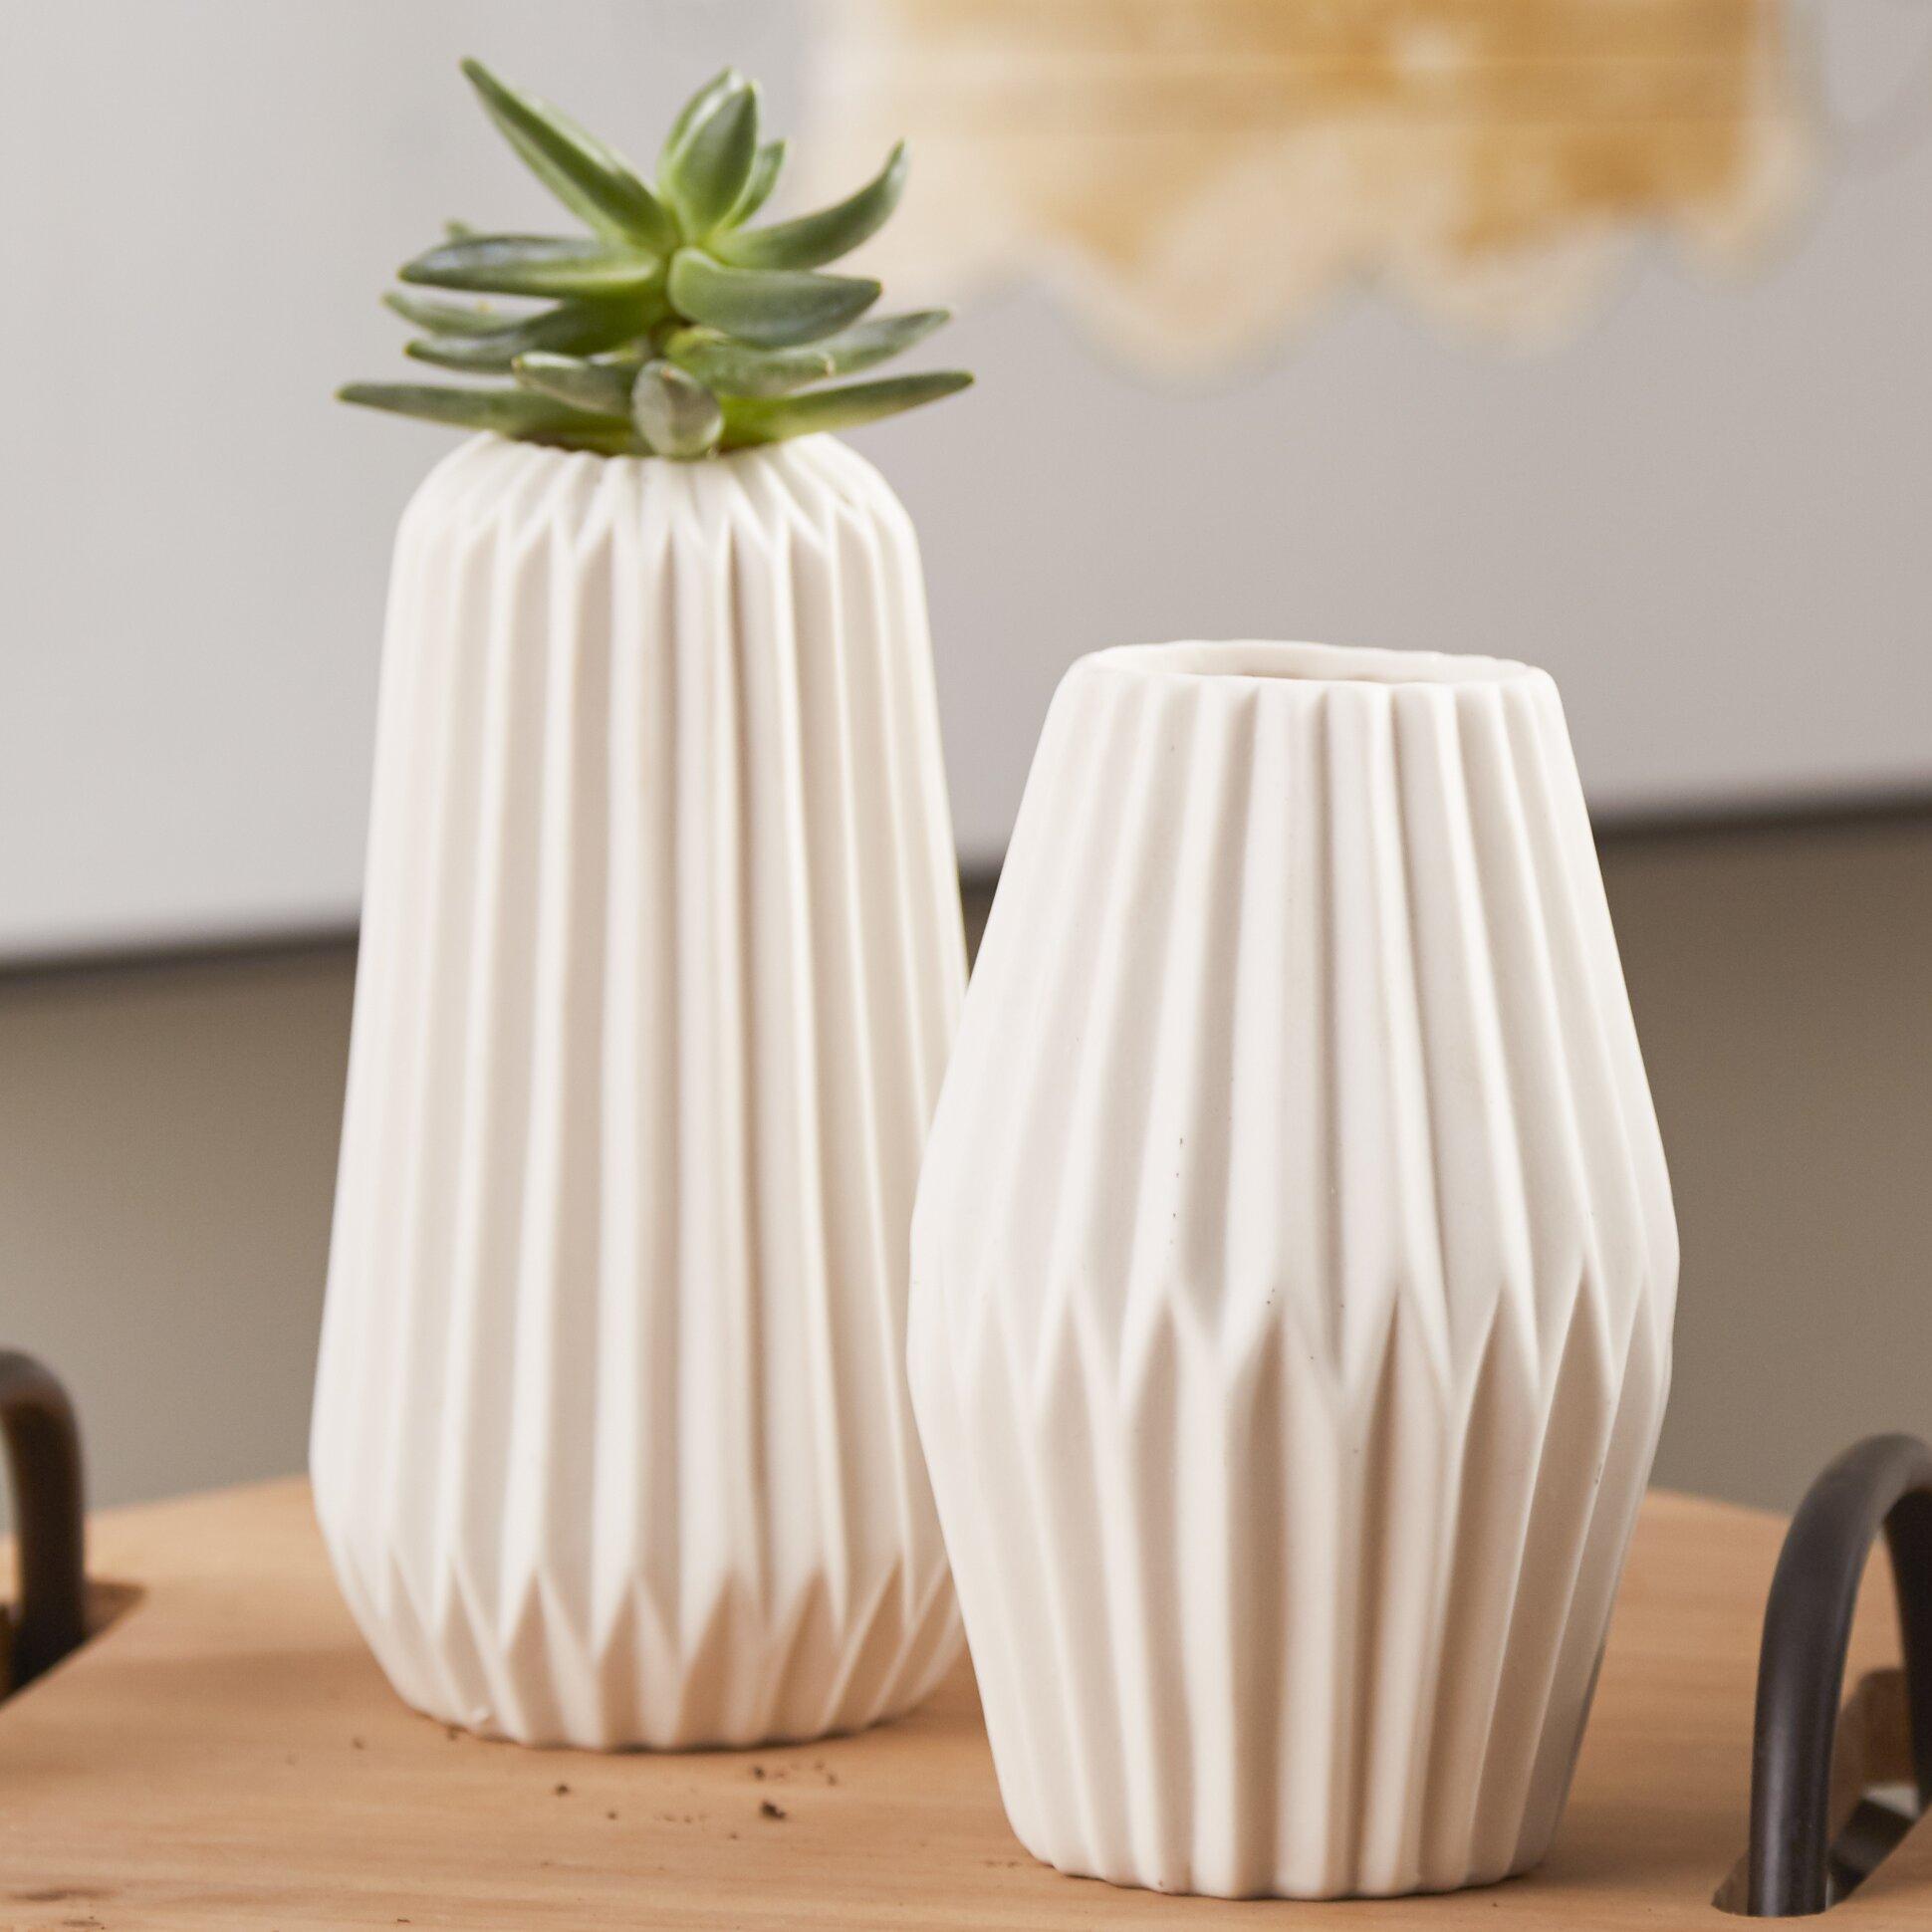 Bloomingville Coffee Table Bloomingville 2 Piece Ceramic Fluted Vase Set Reviews Wayfair